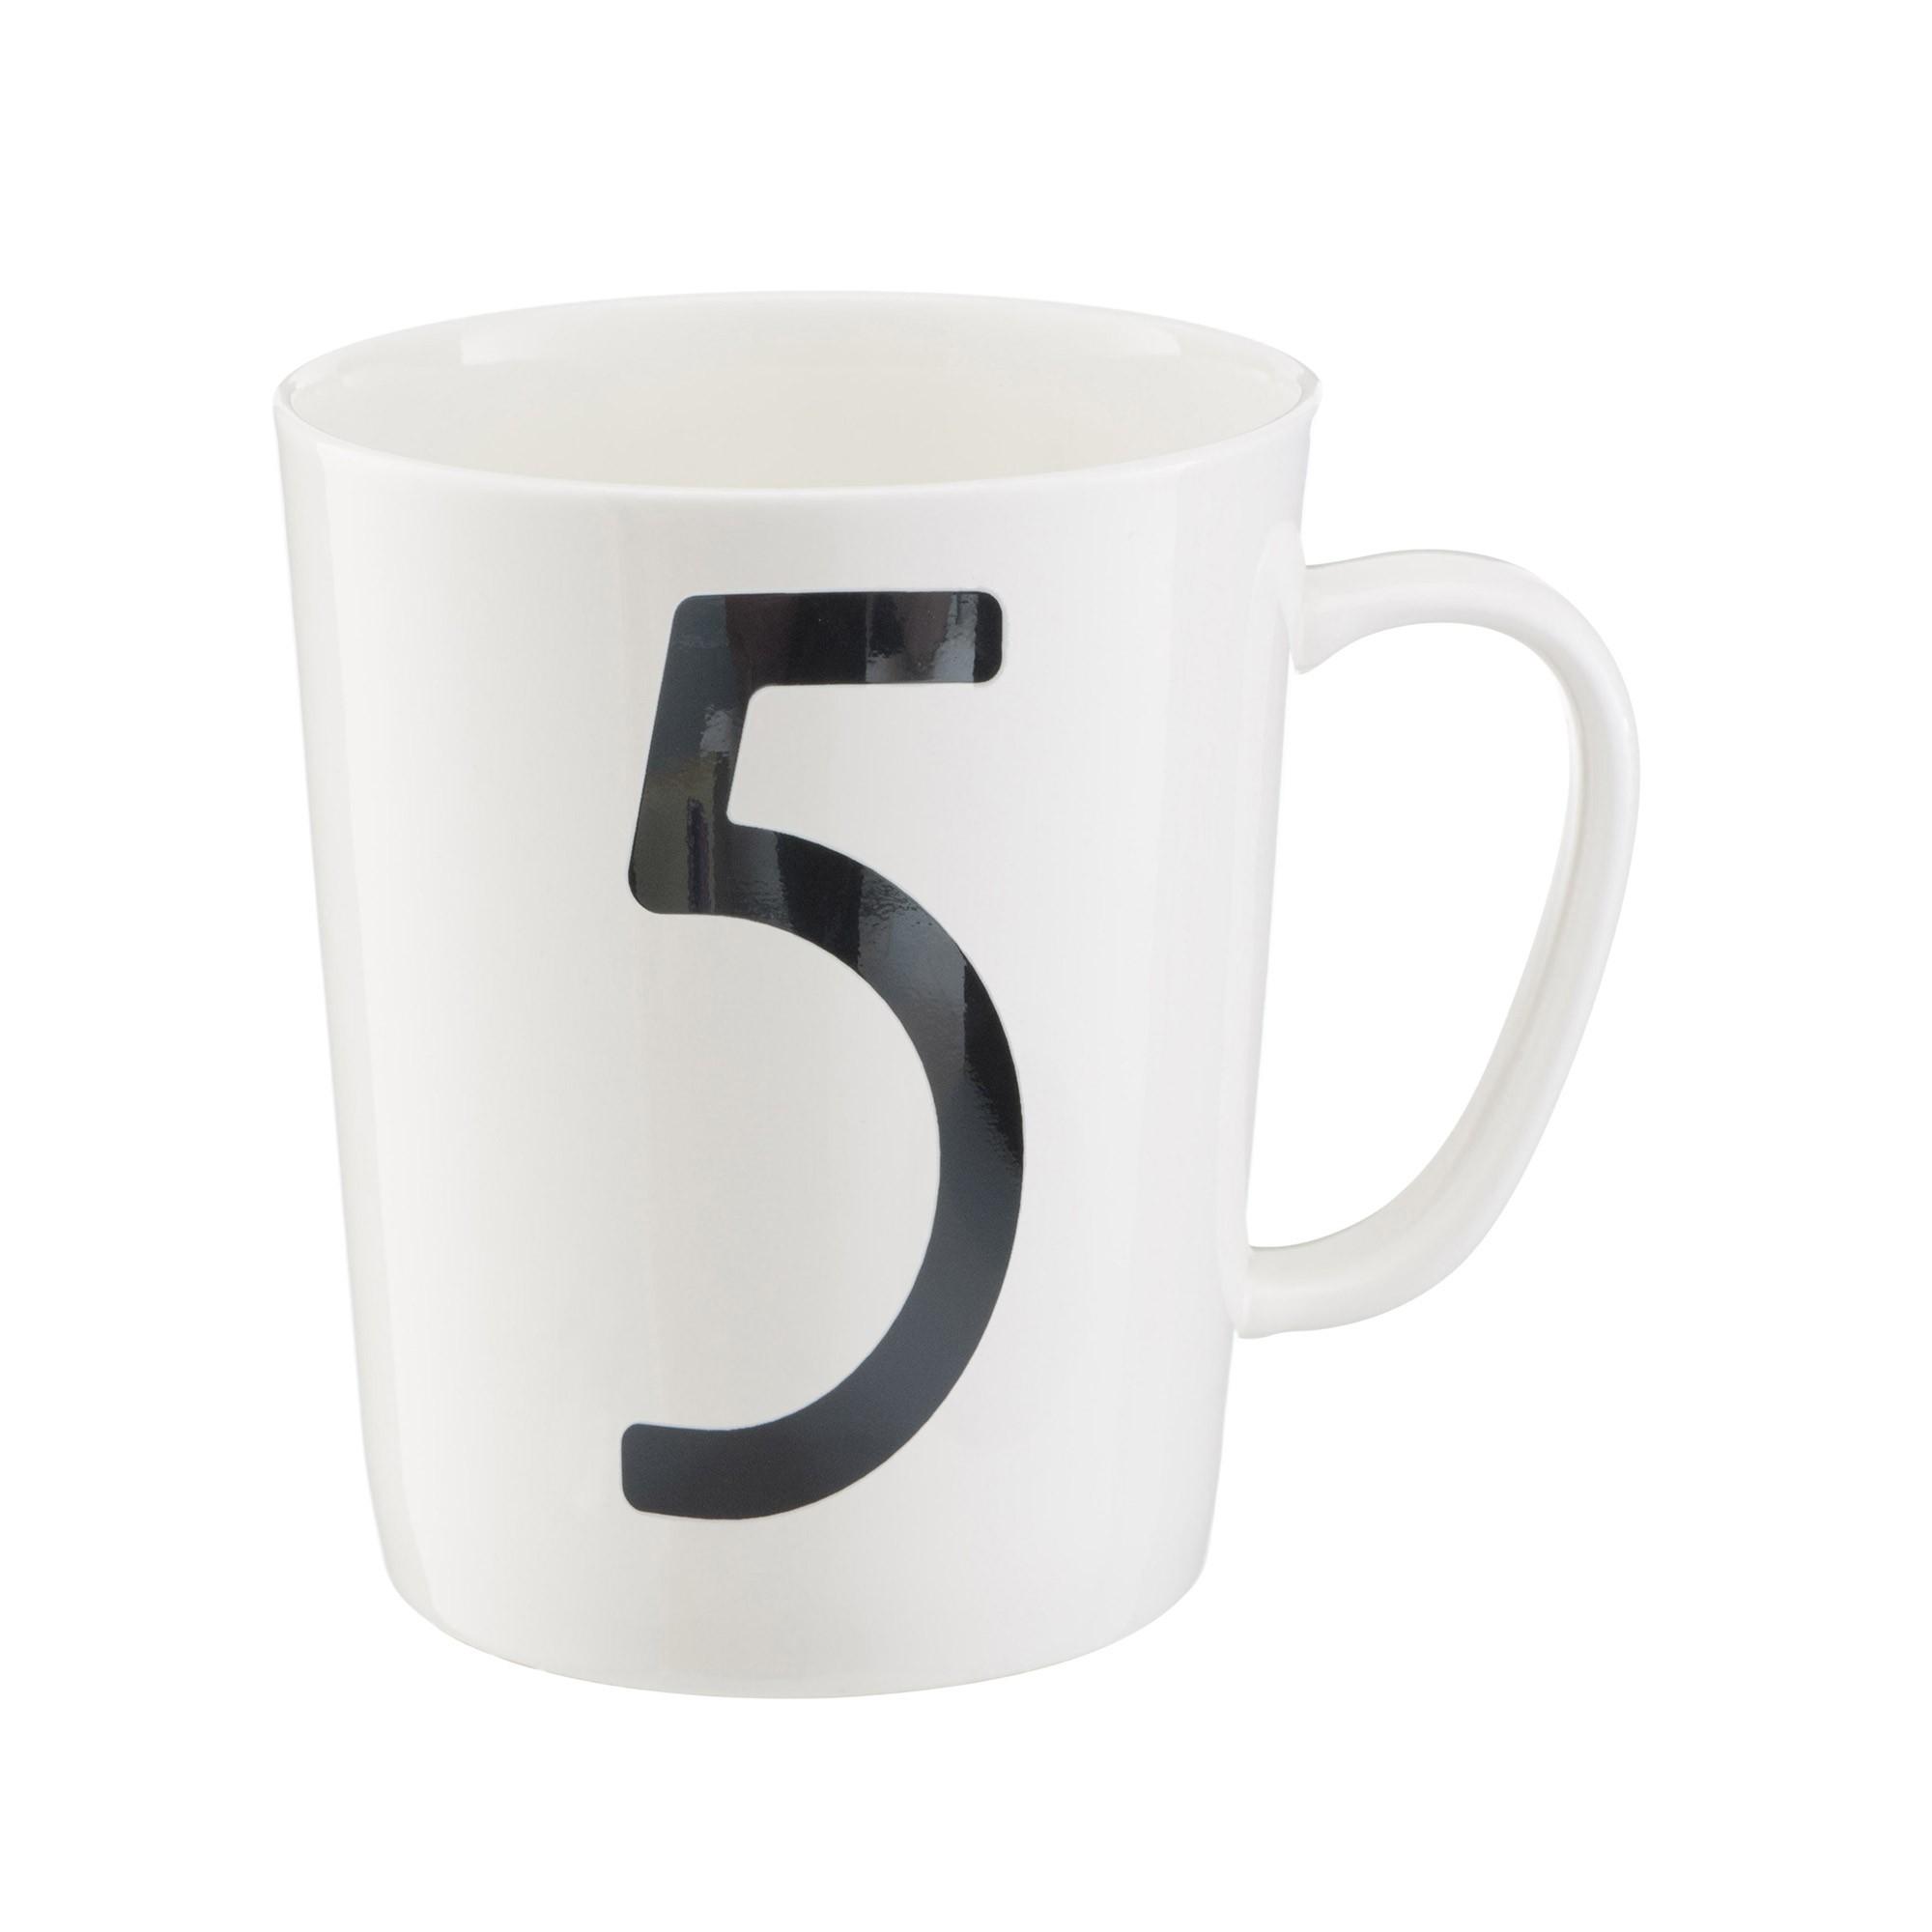 Isokon number mug, Skandium